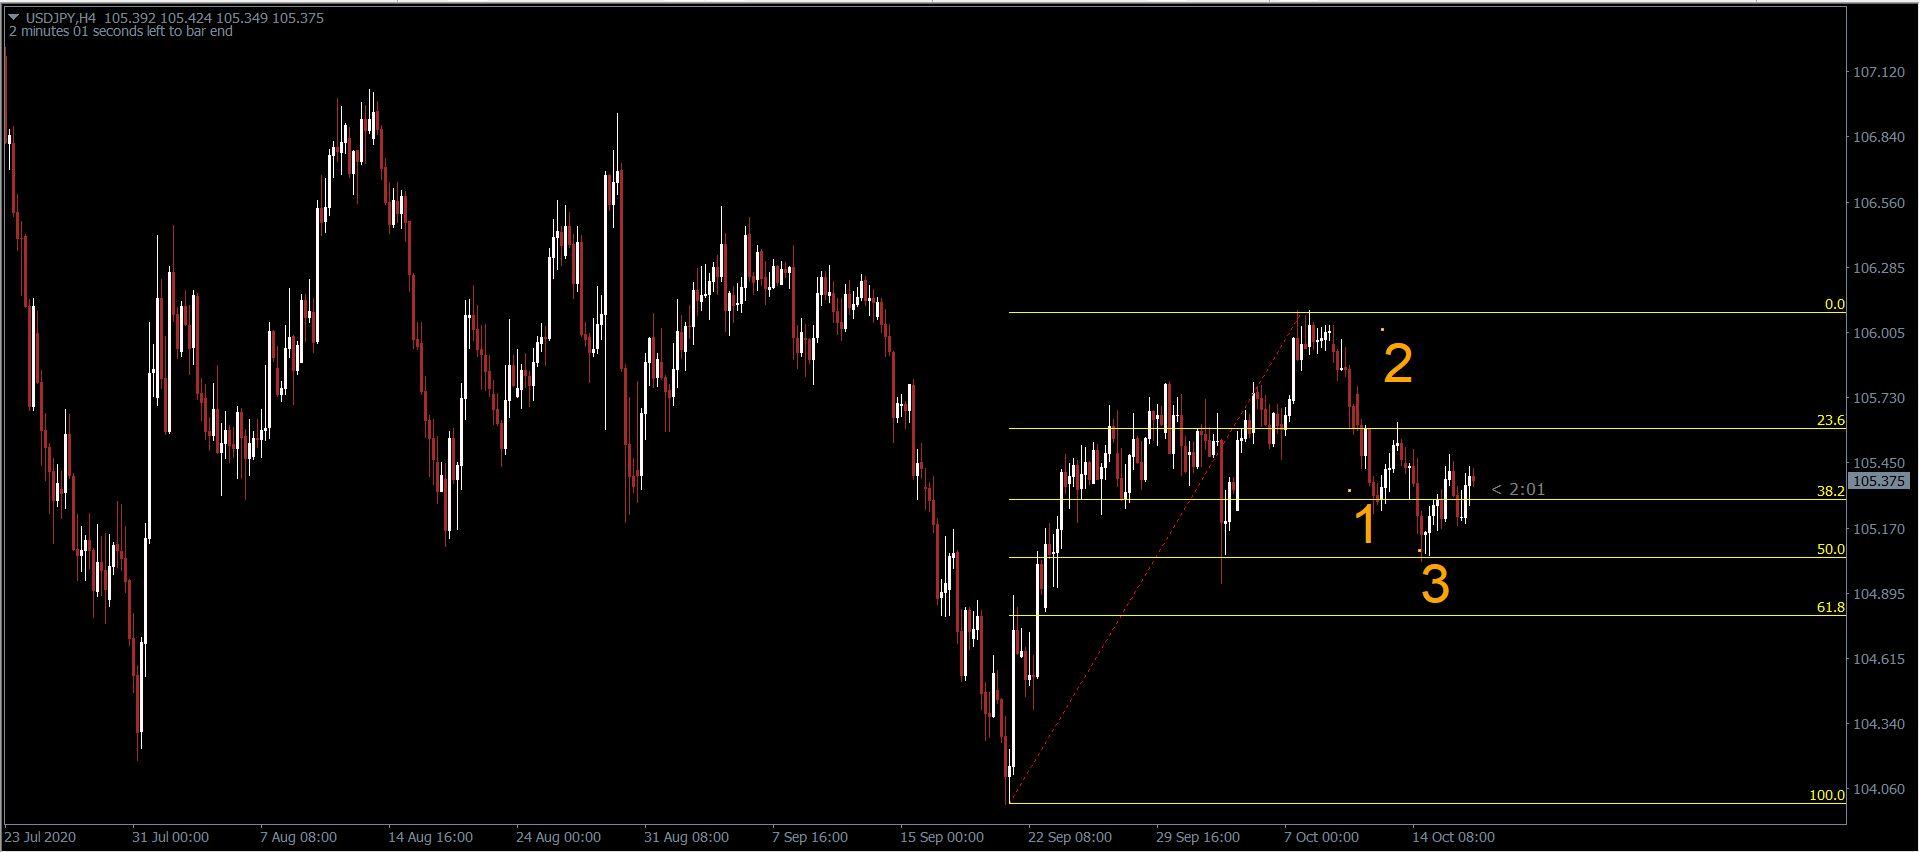 Fibonacci-trong-xu-huong-tang-olymp-trade-forex